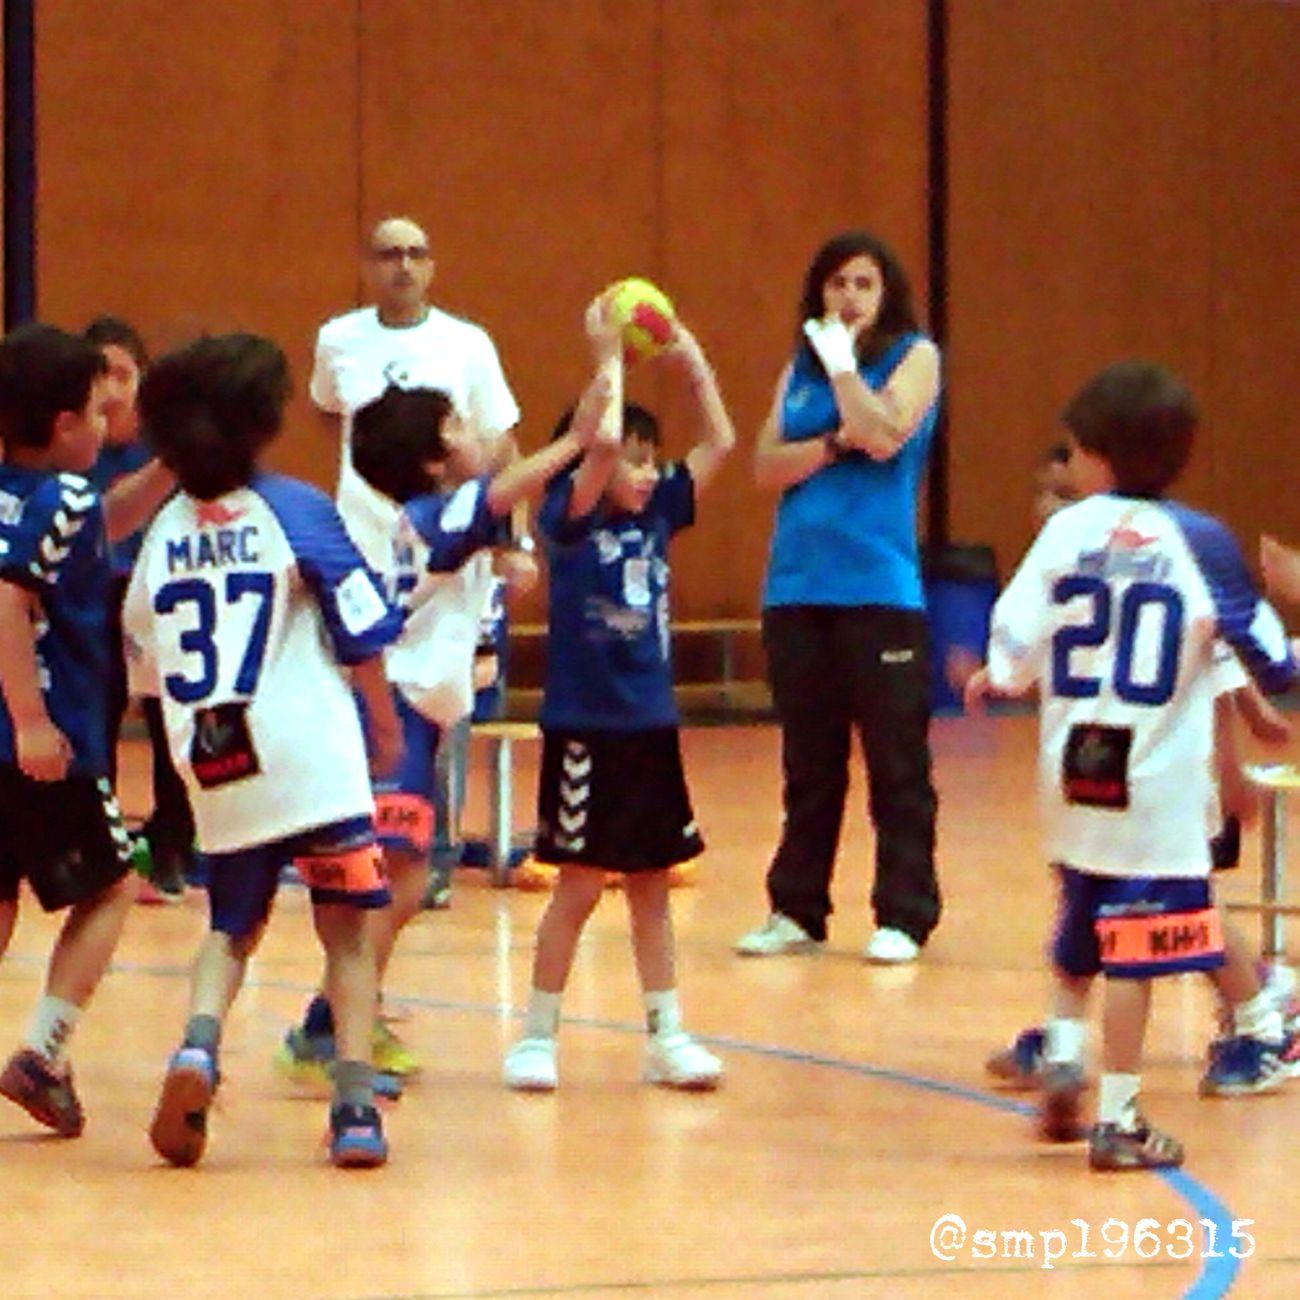 Handball Santantonidevilamajor vs Granollers prebenjamín 11/15. Igersvoriental